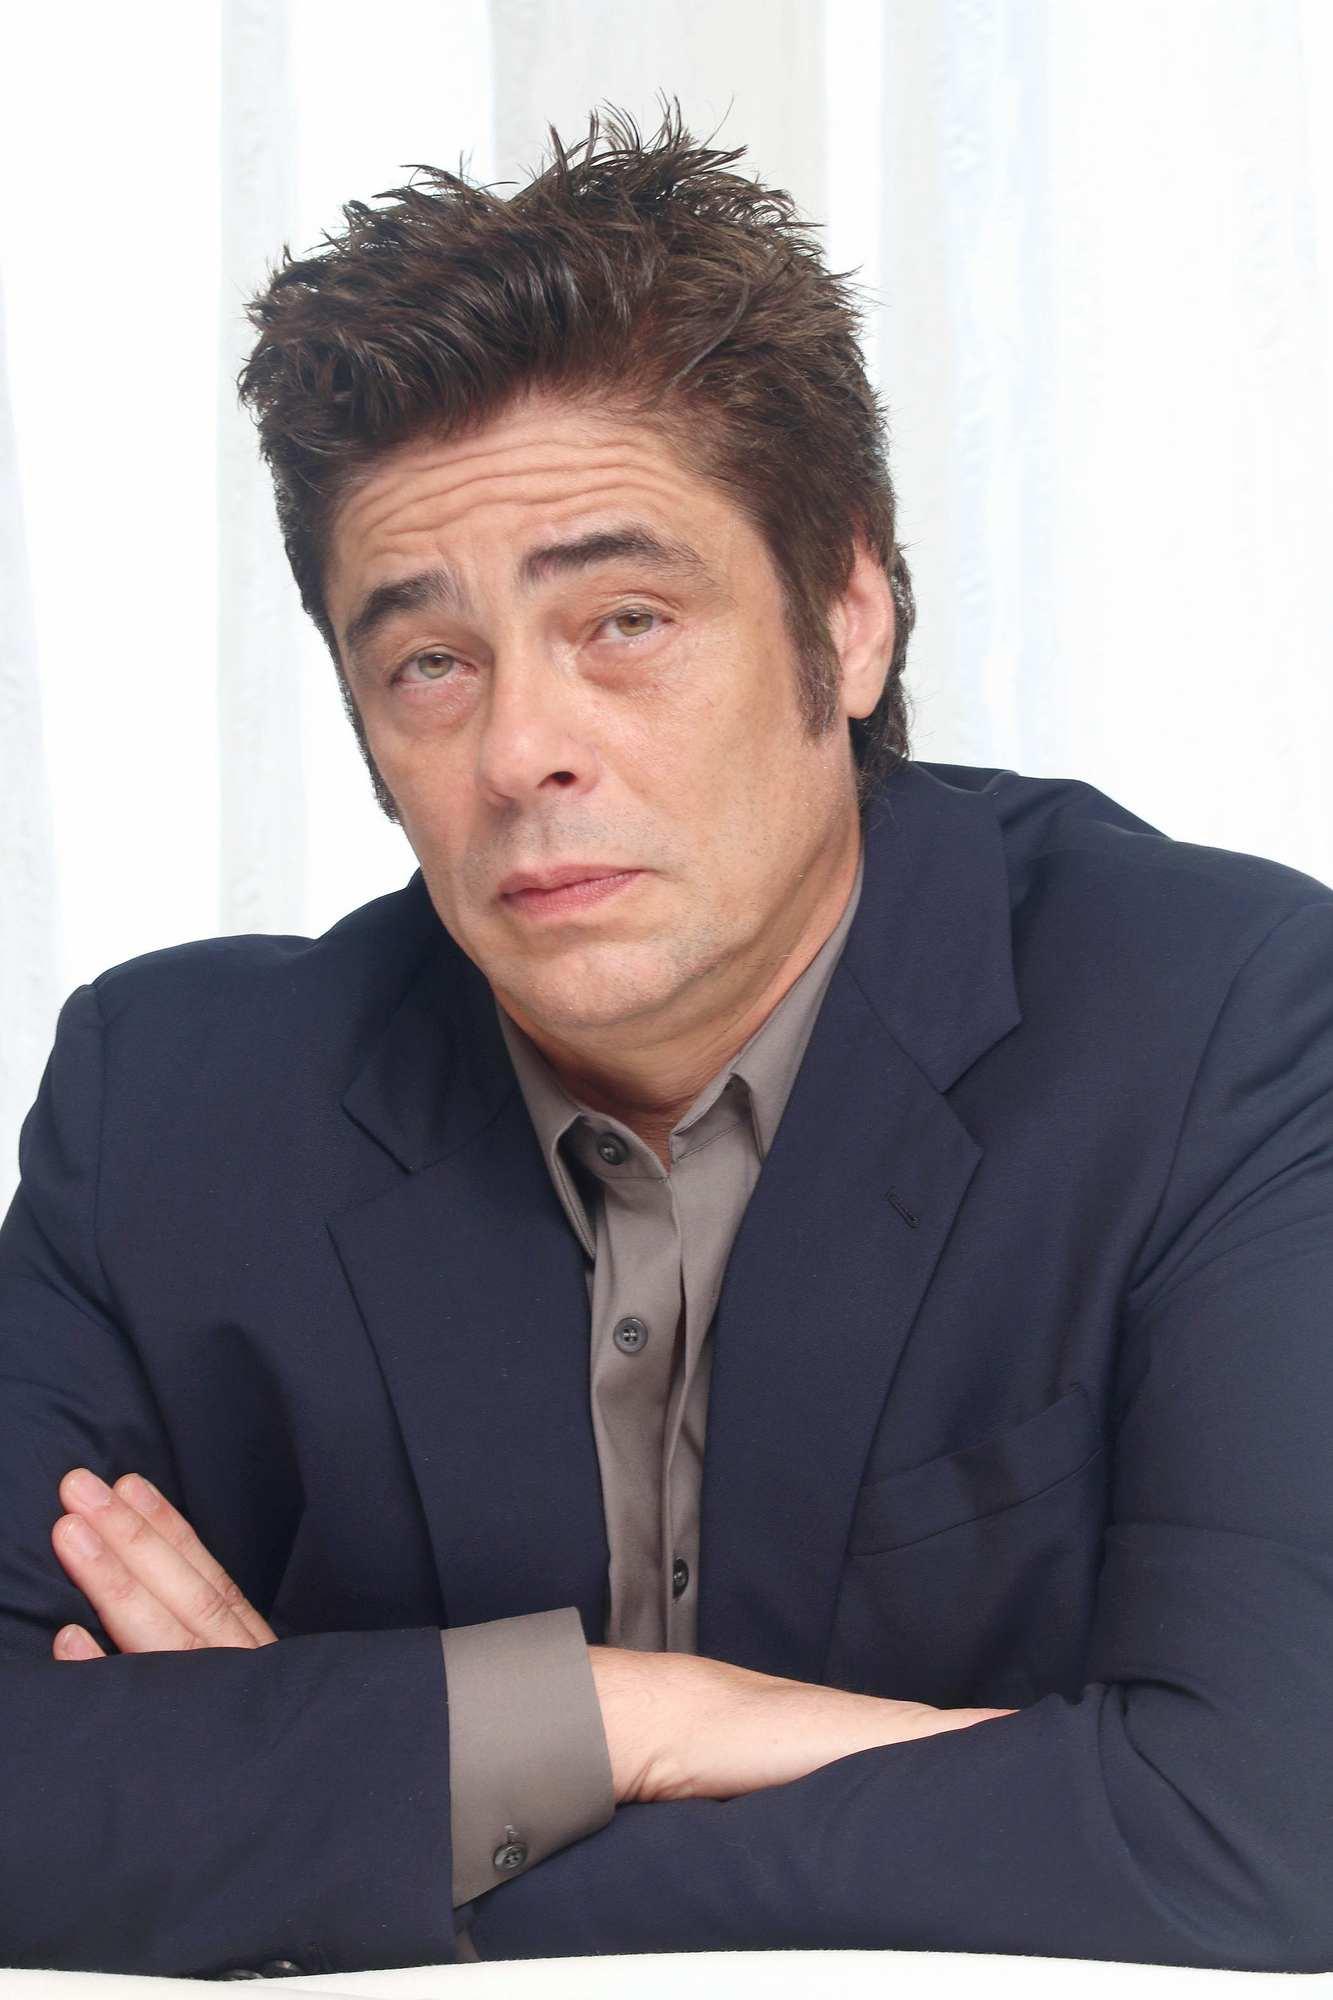 Press Conference >> Benicio Del Toro at A Perfect Day Press Conference – Celeb Donut